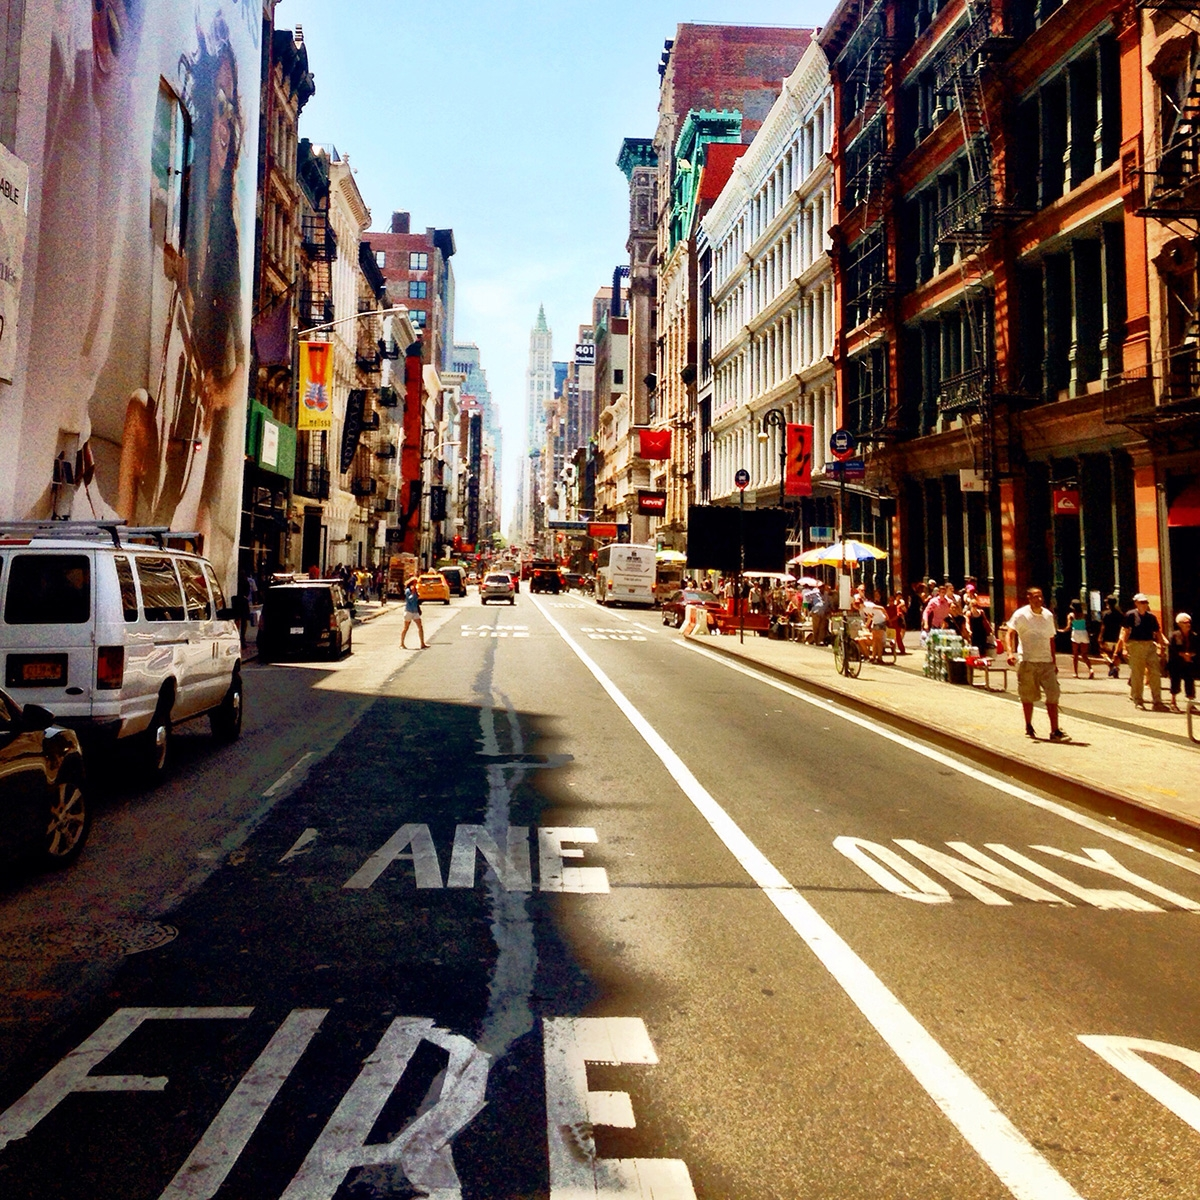 The streets of Soho